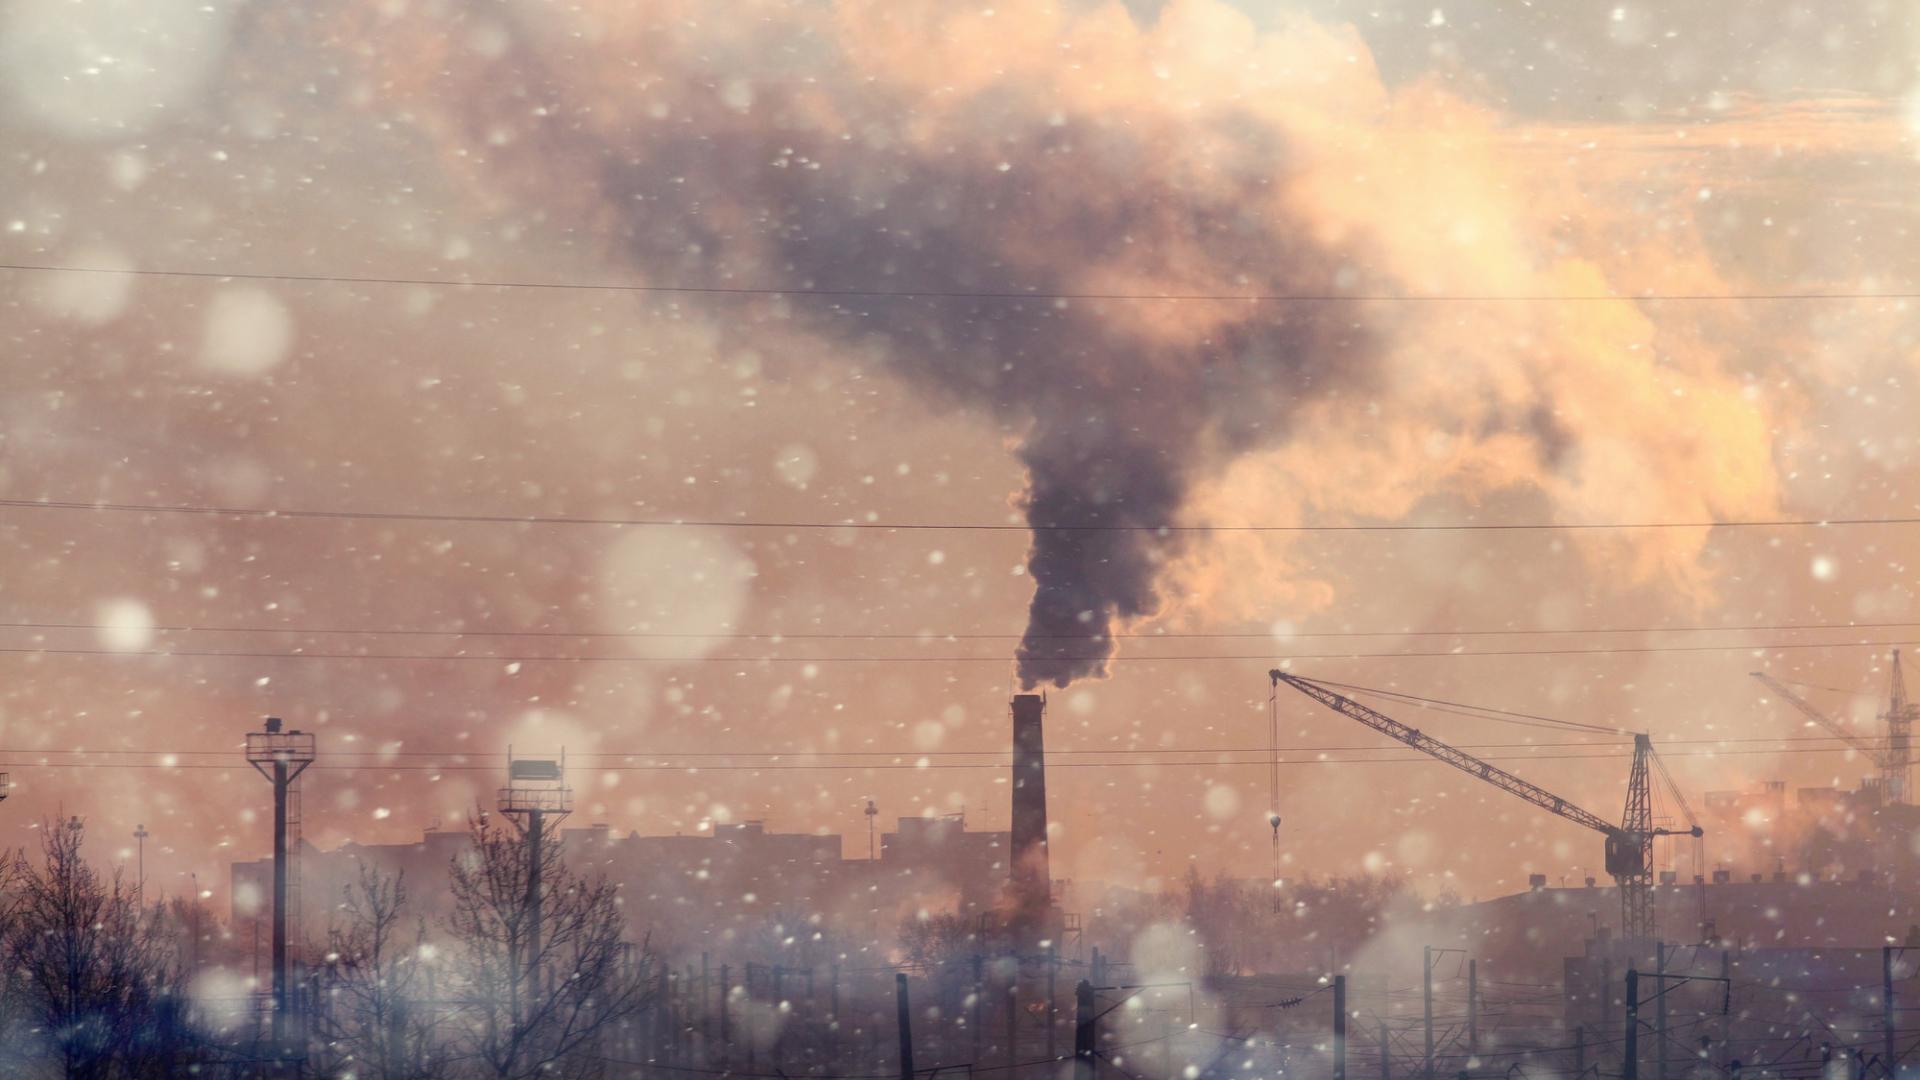 Углекислый газ превращается в топливо и пластмассы. Как создать эффективный катализатор